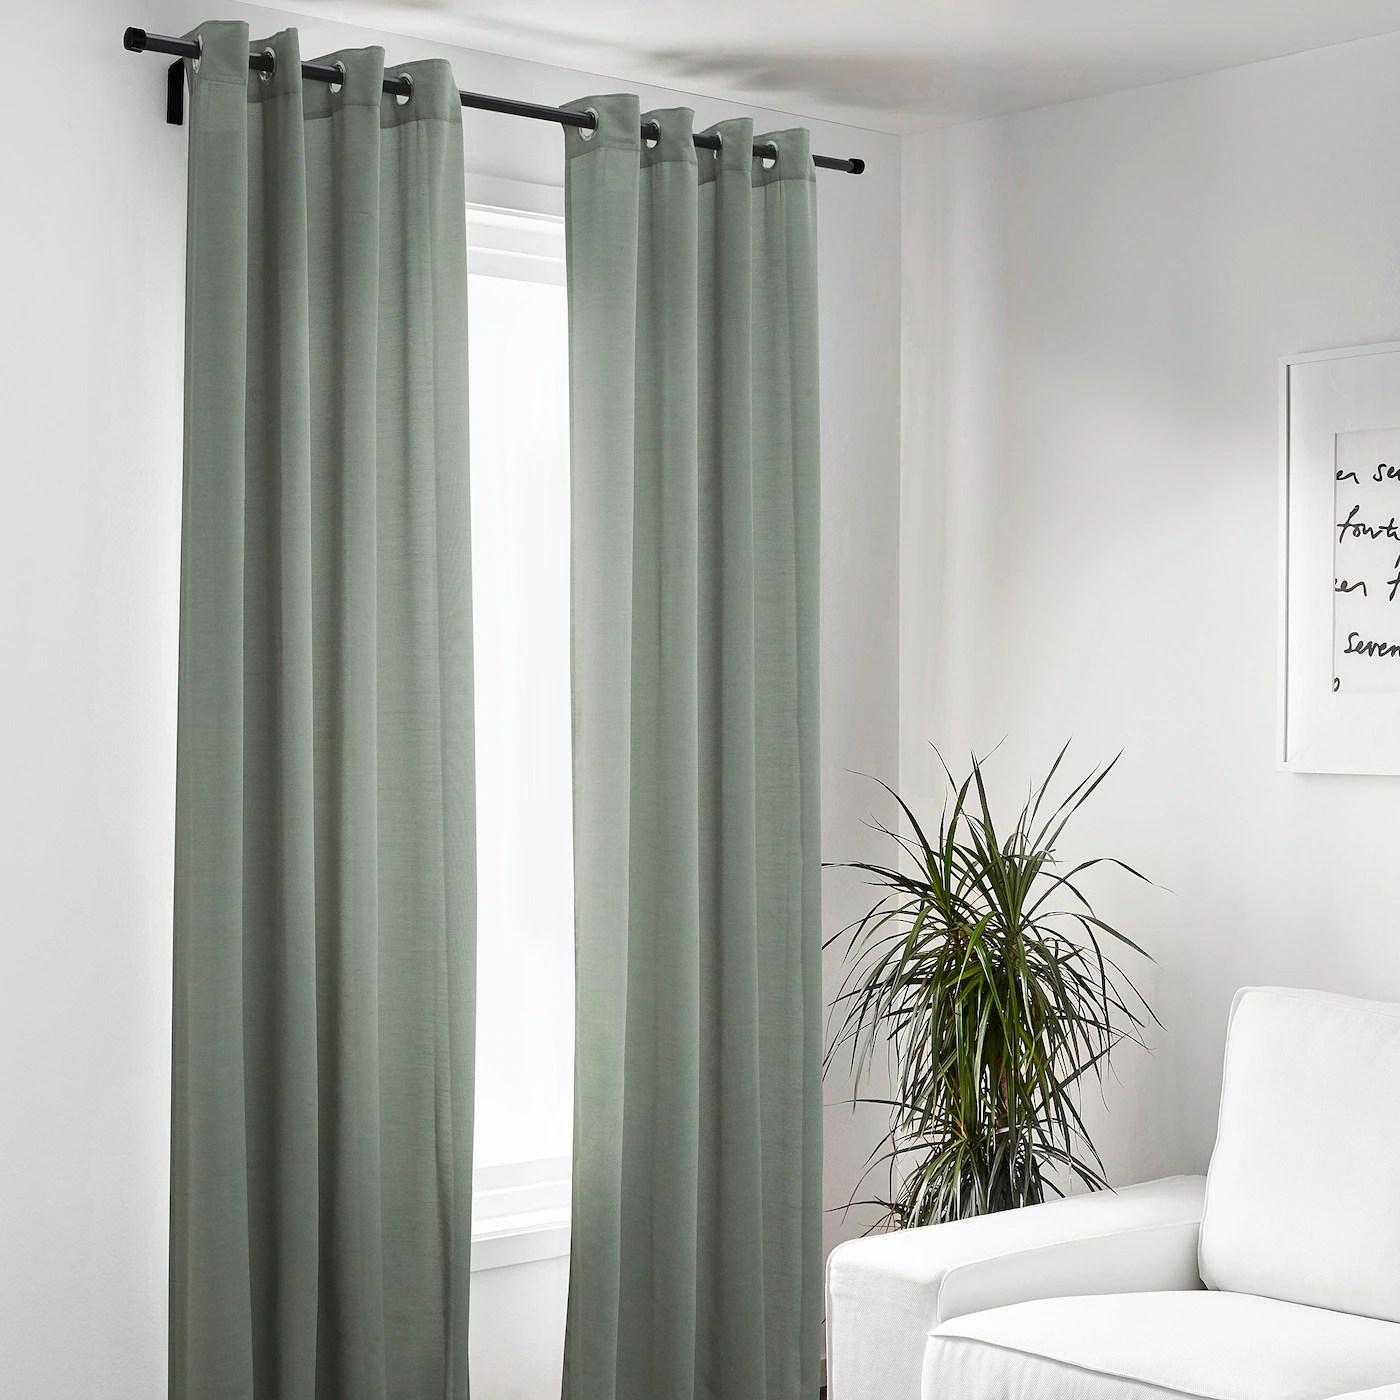 hilja rideaux 2 pieces gris vert avec oeillets 145x300 cm